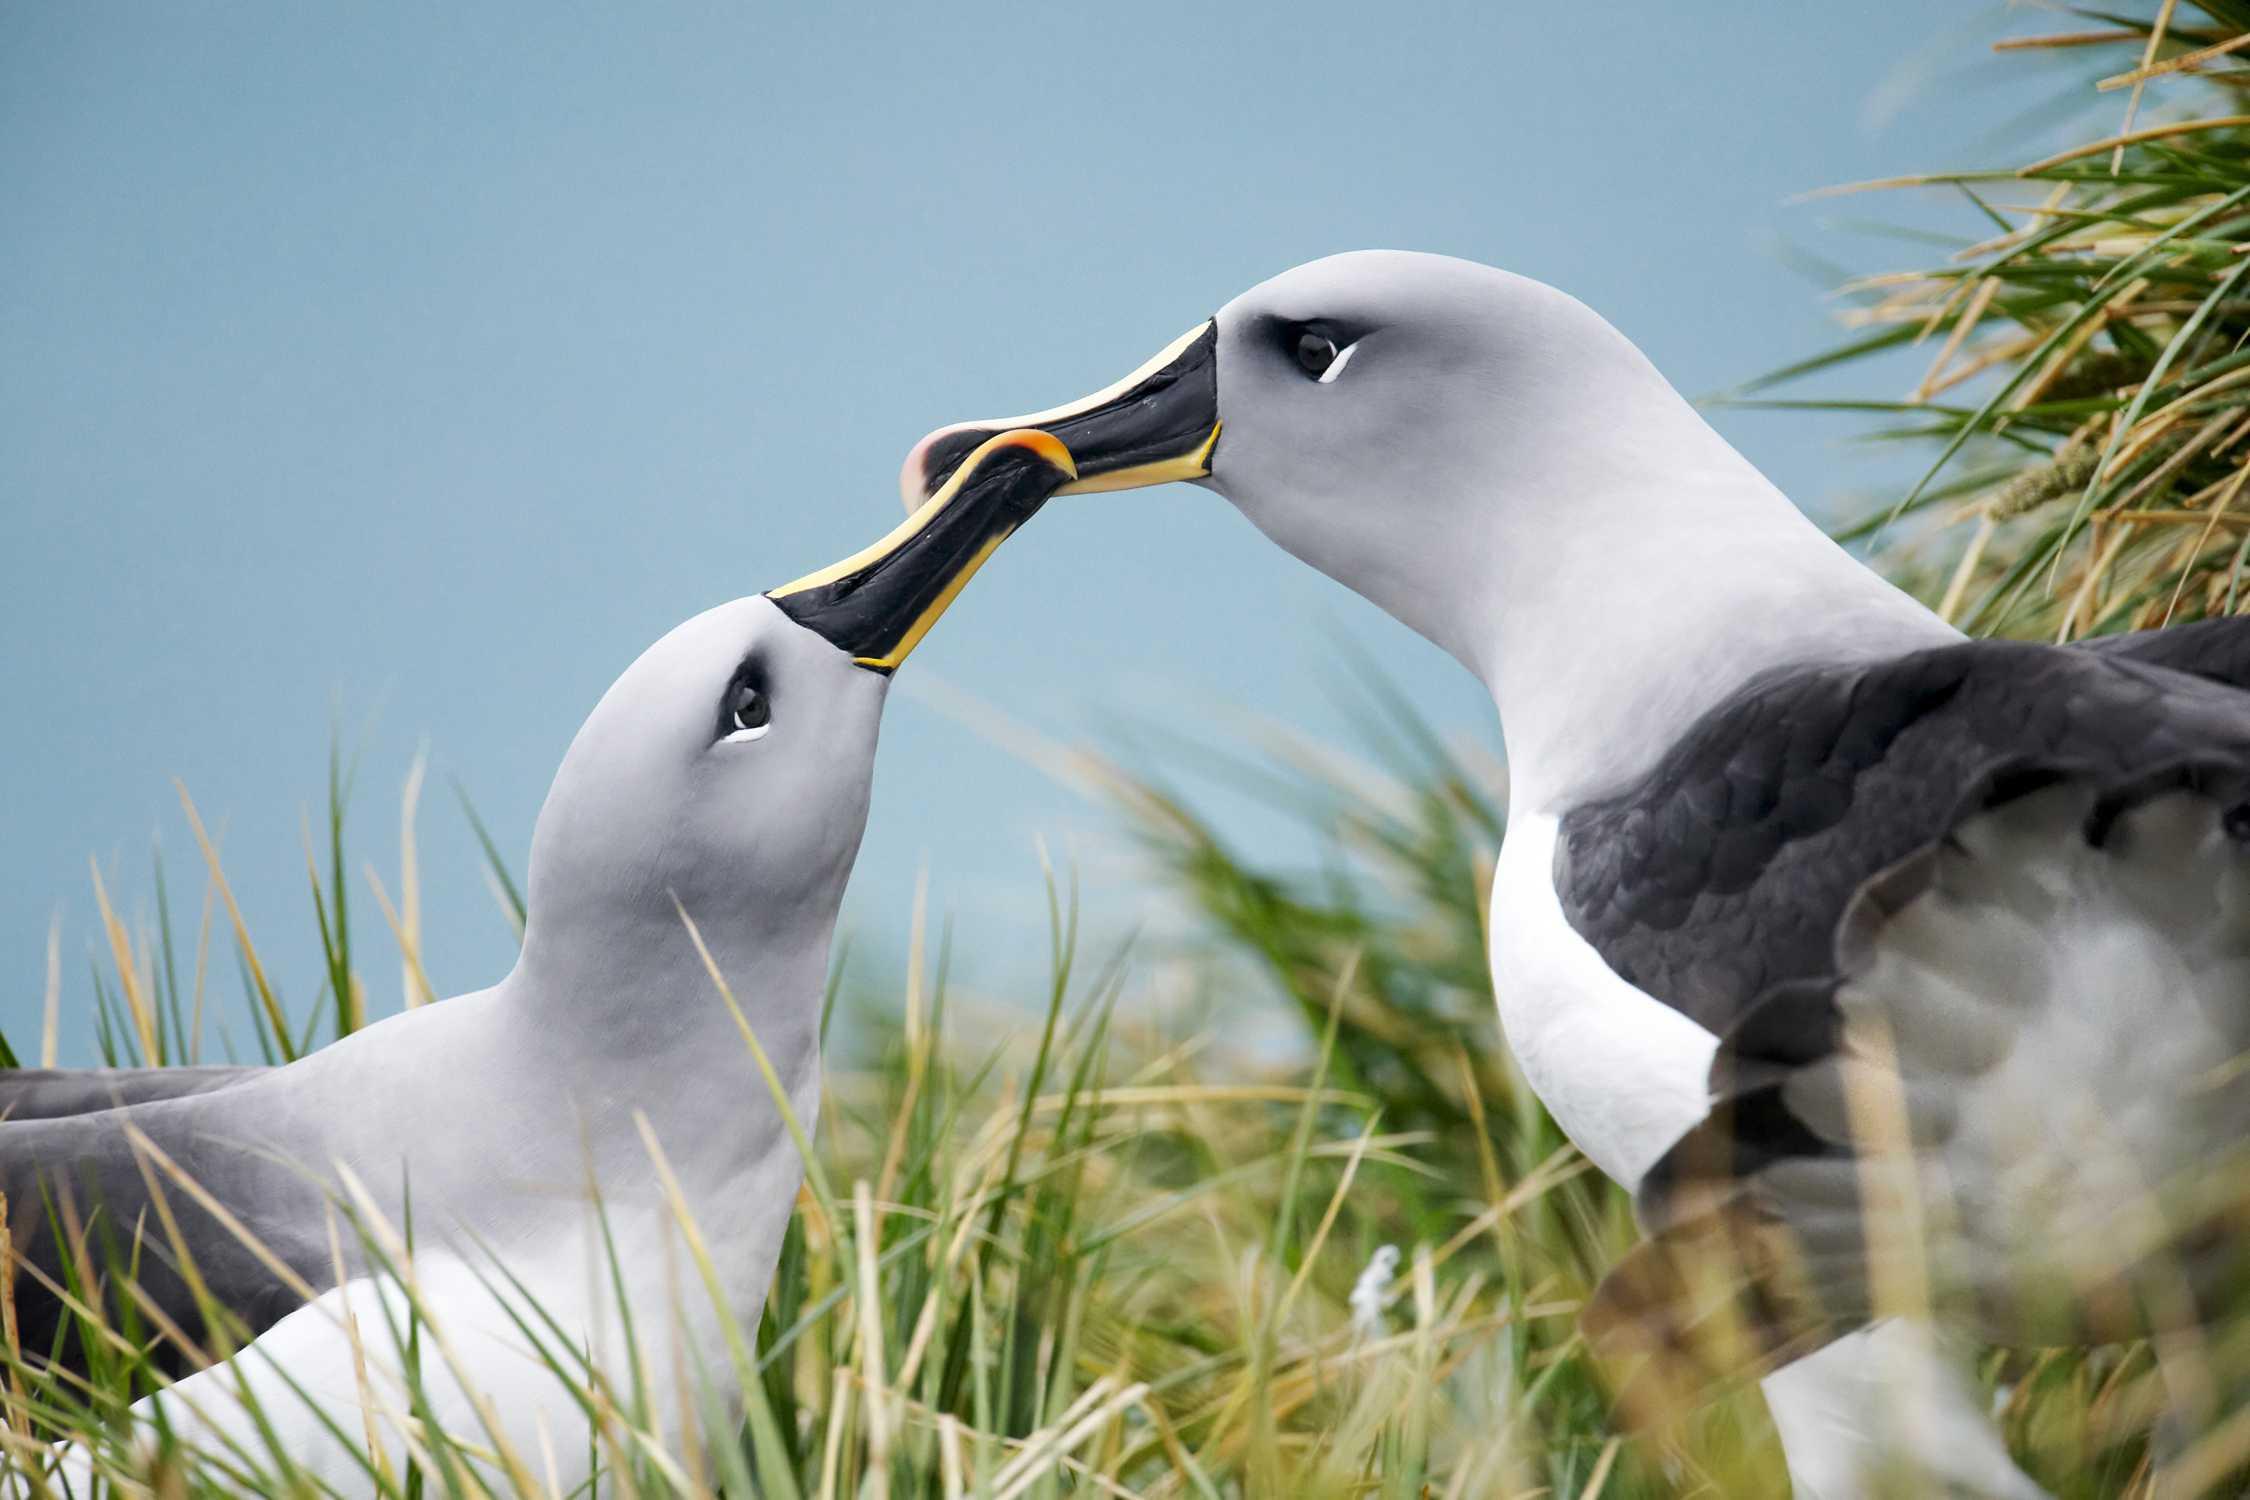 Two gray-headed albatross nuzzling beaks